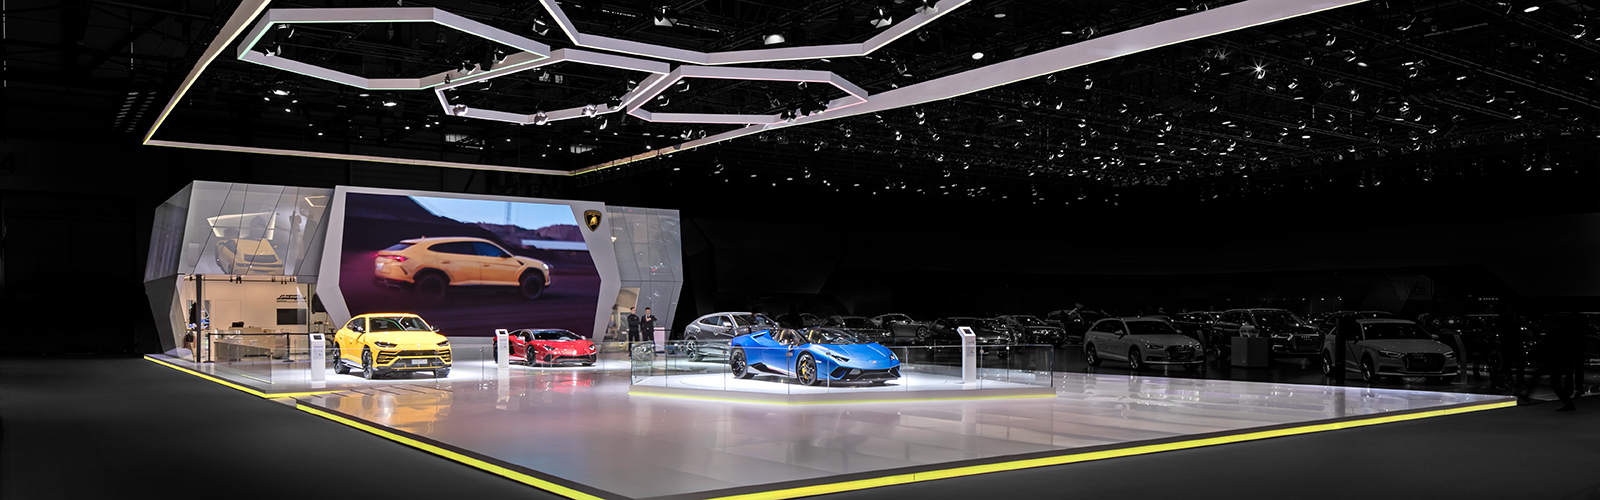 Braunwagner Spatial und Interior Design Lamborghini Geneva International Motor Show 2019